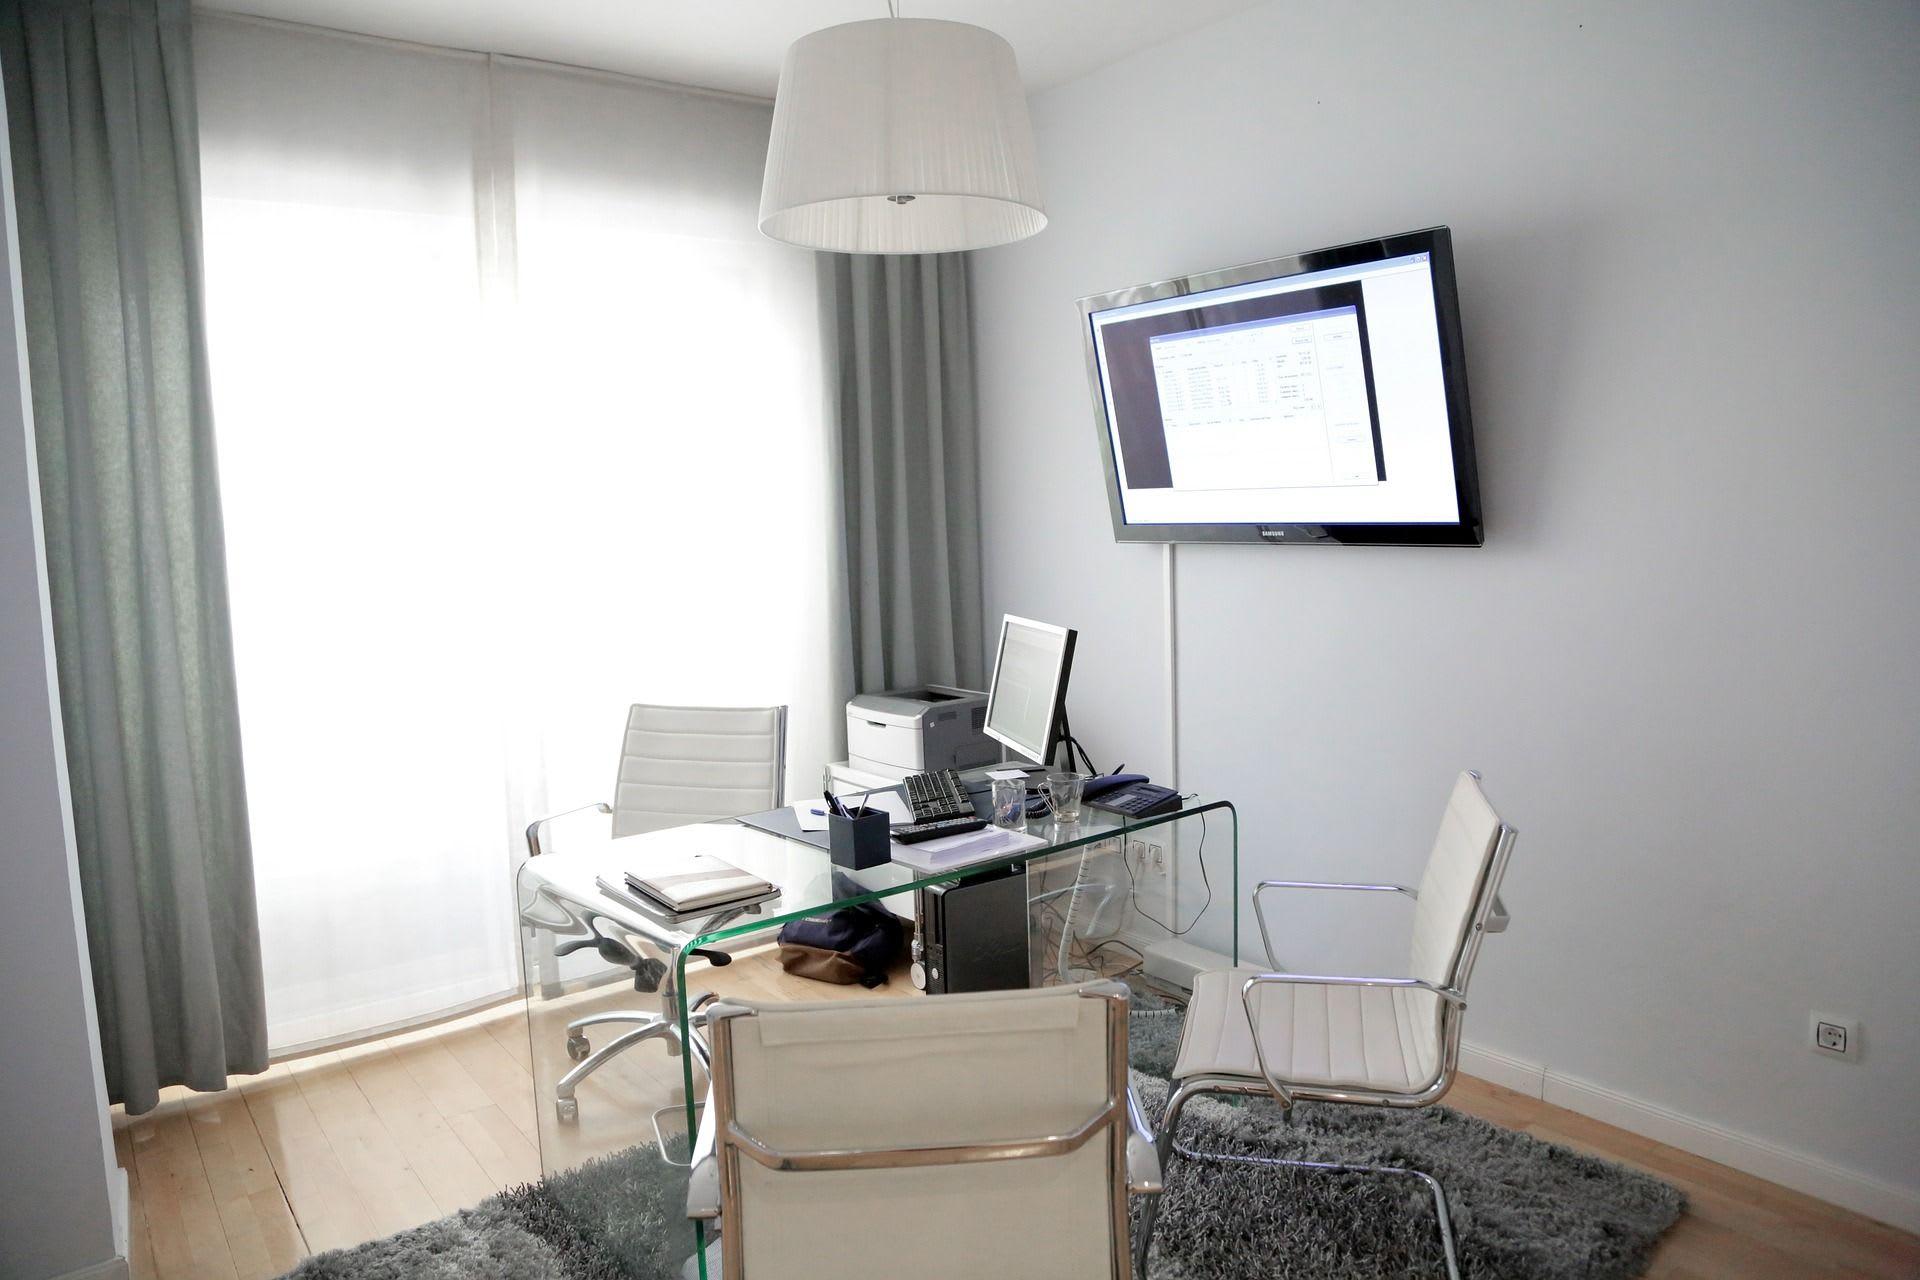 Consultas individuales por videoconferencia o presencial.